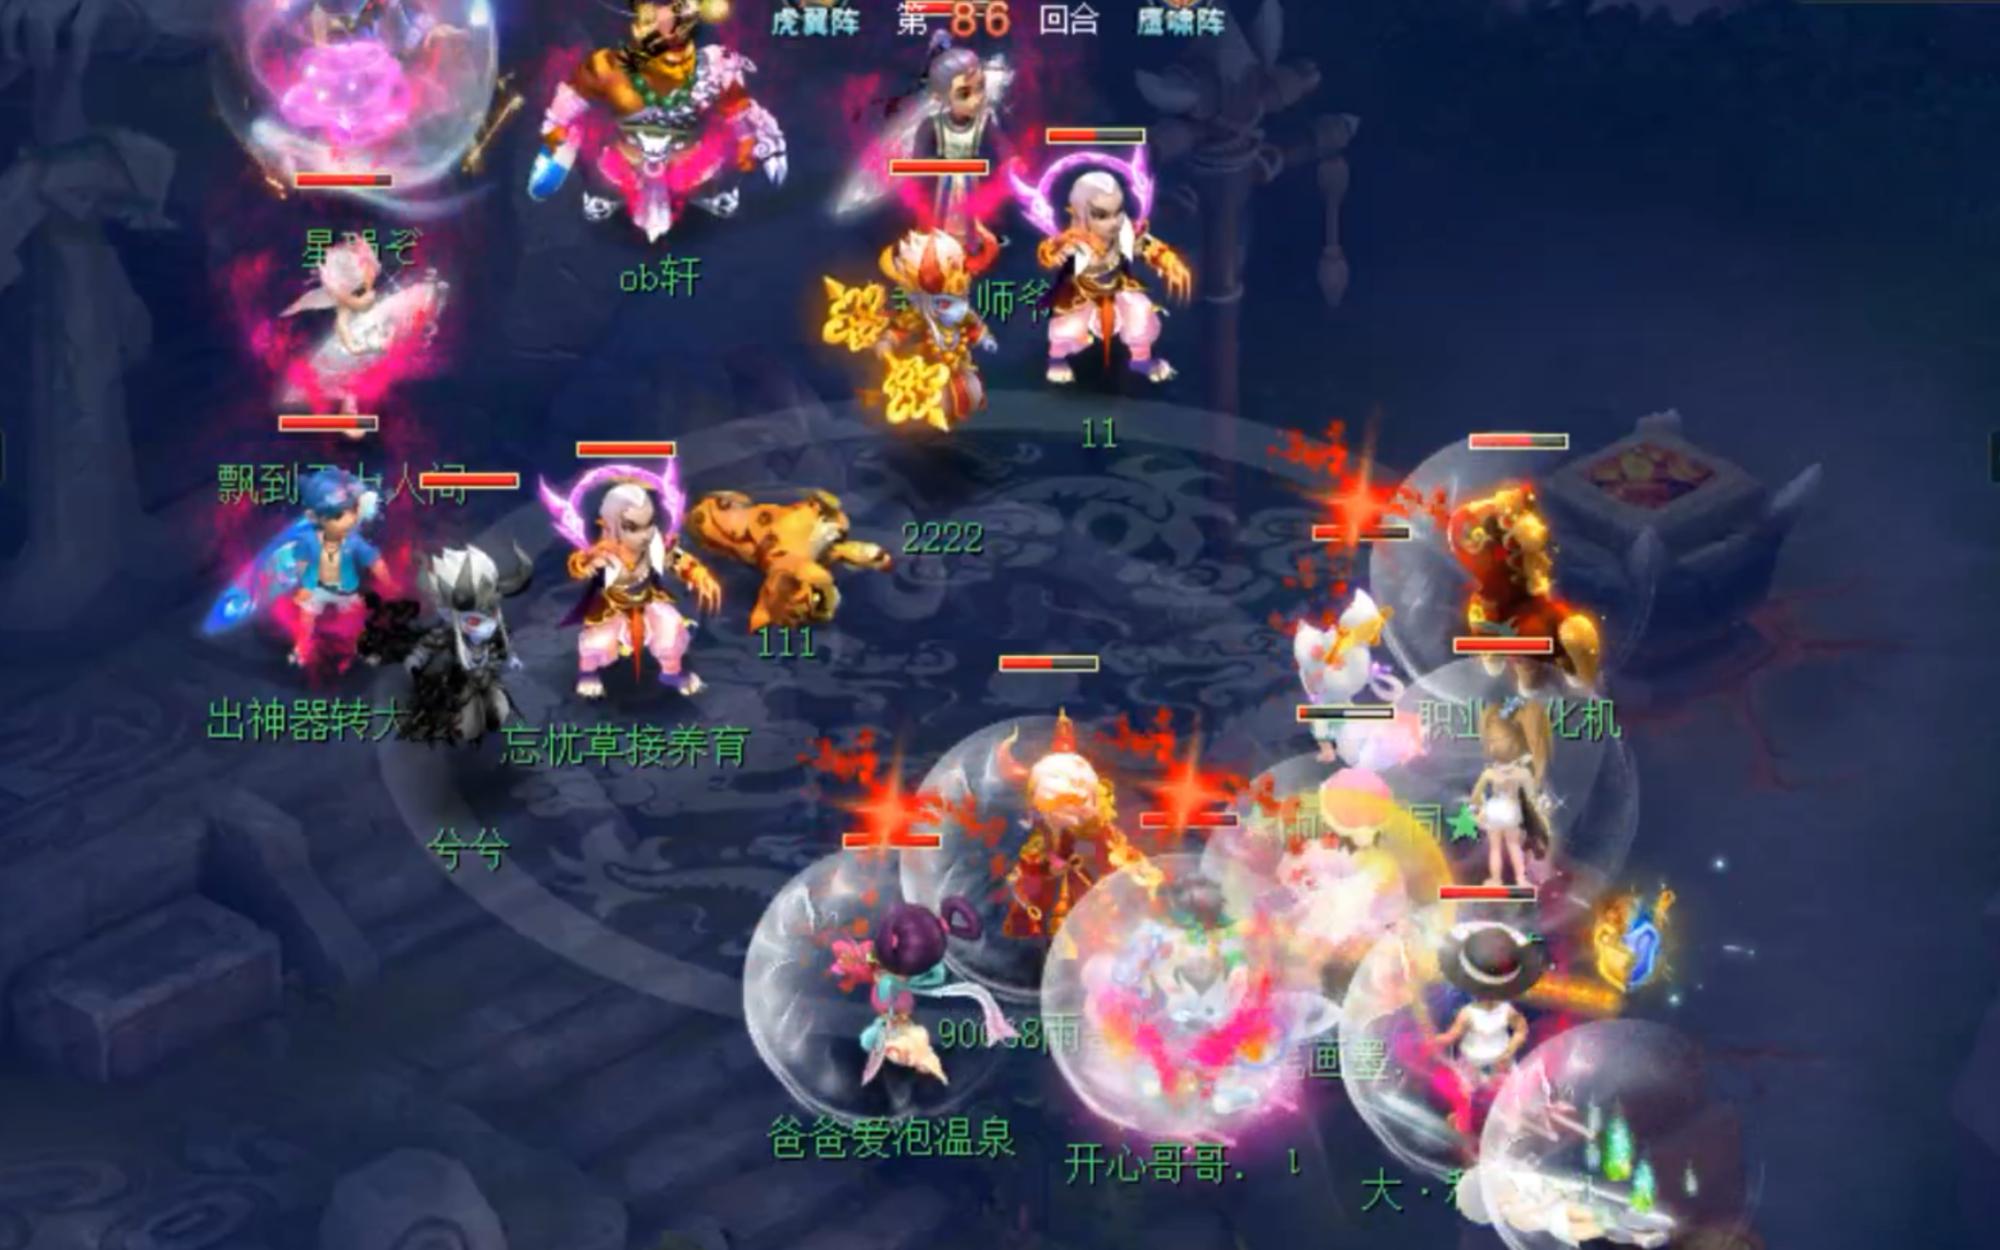 梦幻西游:小梅沙服战选拔,争夺三千万战神之战,看鹿死谁手?